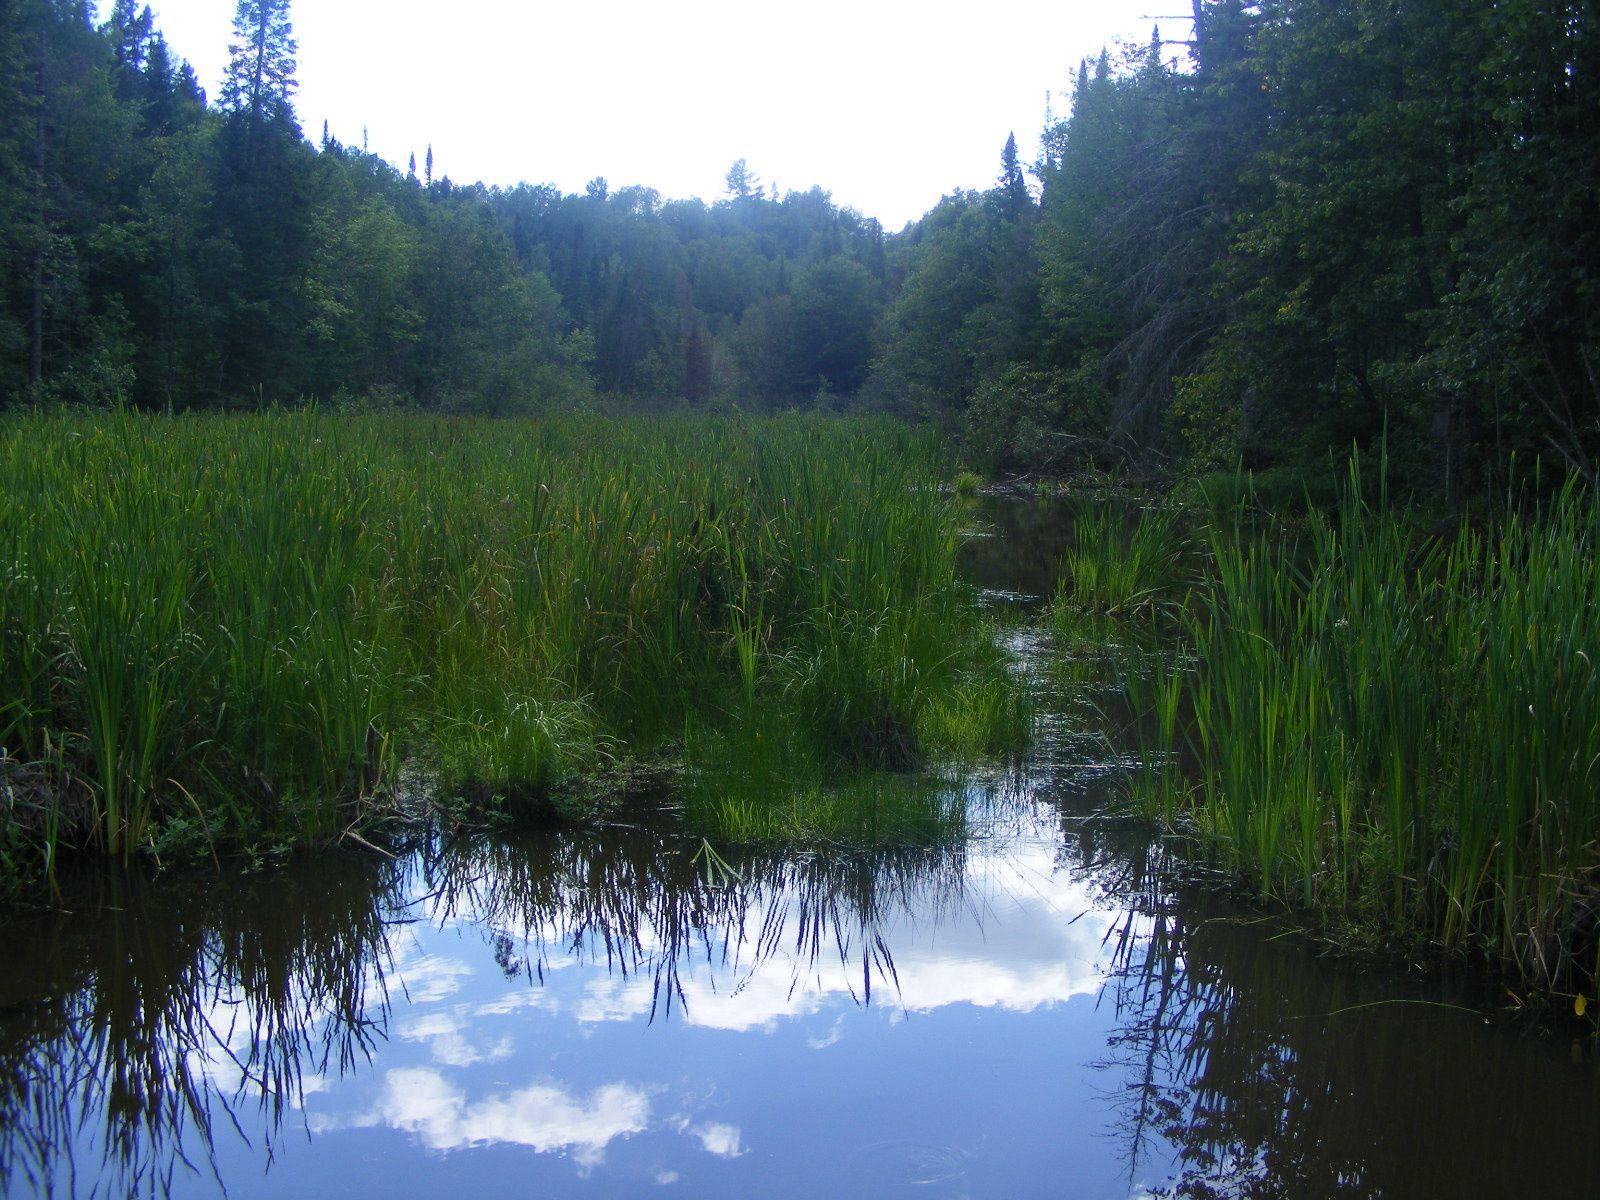 De jolis reflets dans l'eau, pris depuis le pont des castors